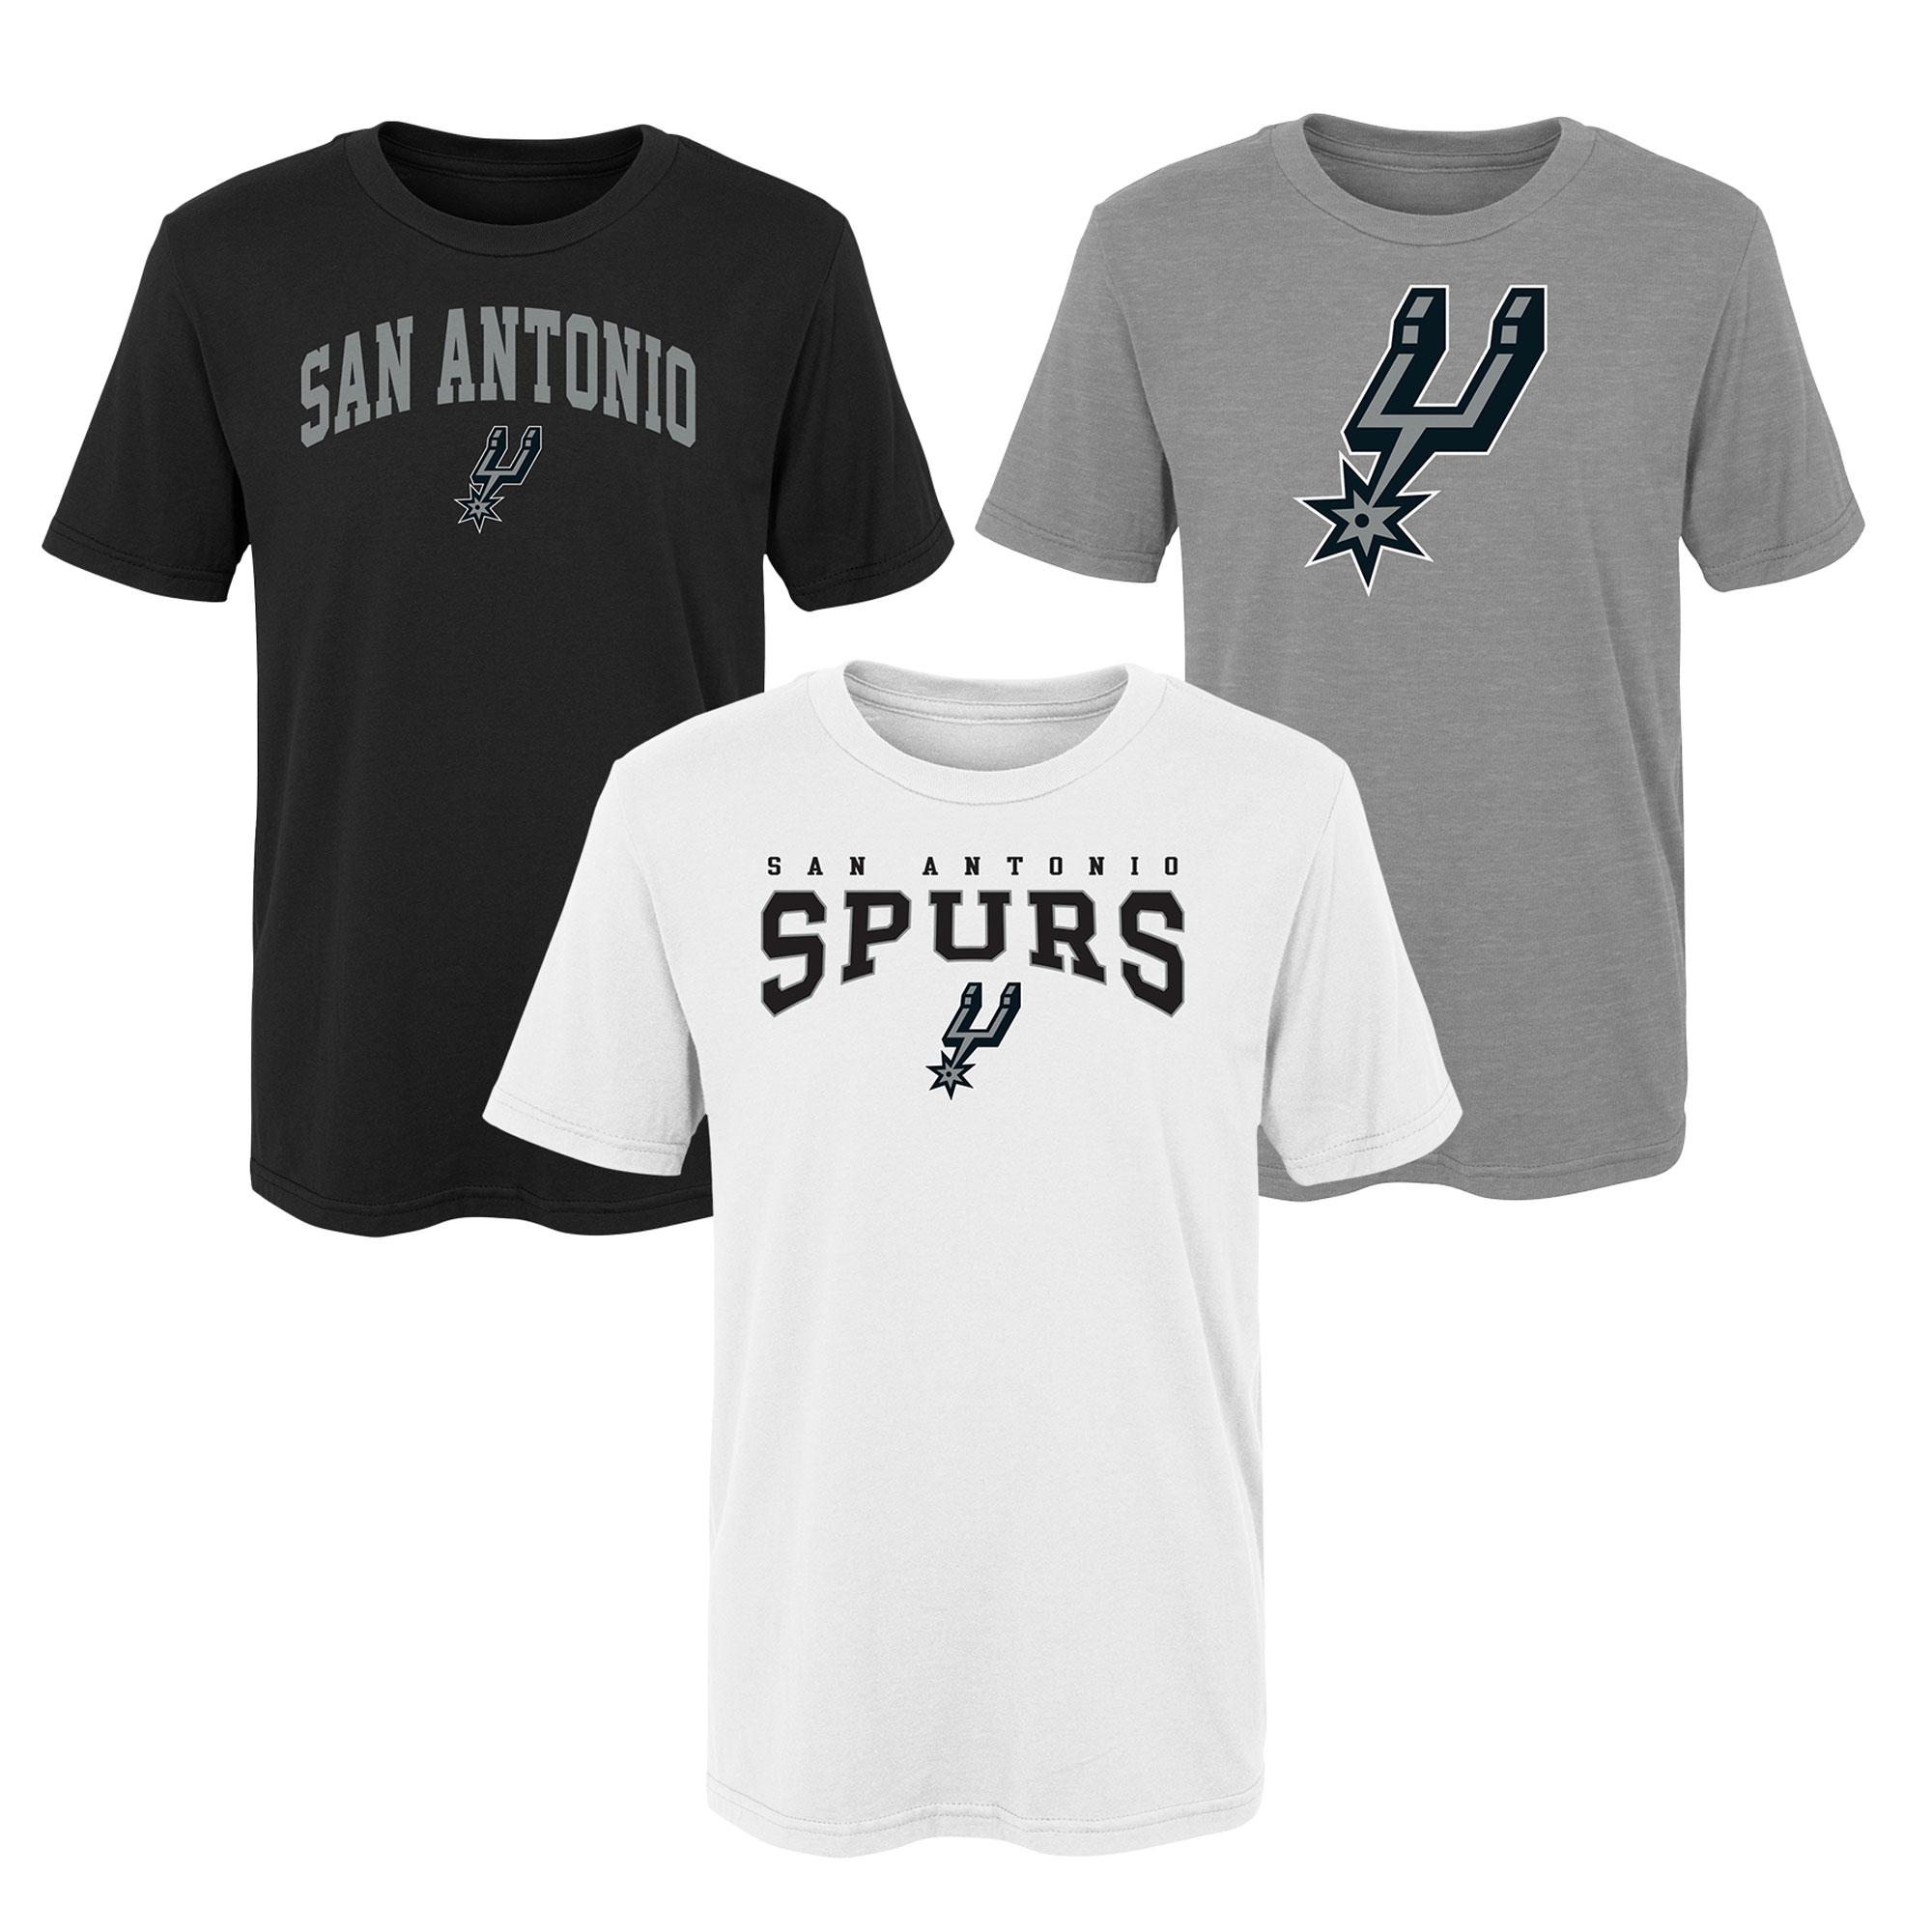 Pack de 3 camisetas con logotipo San Antonio Spurs - Niños